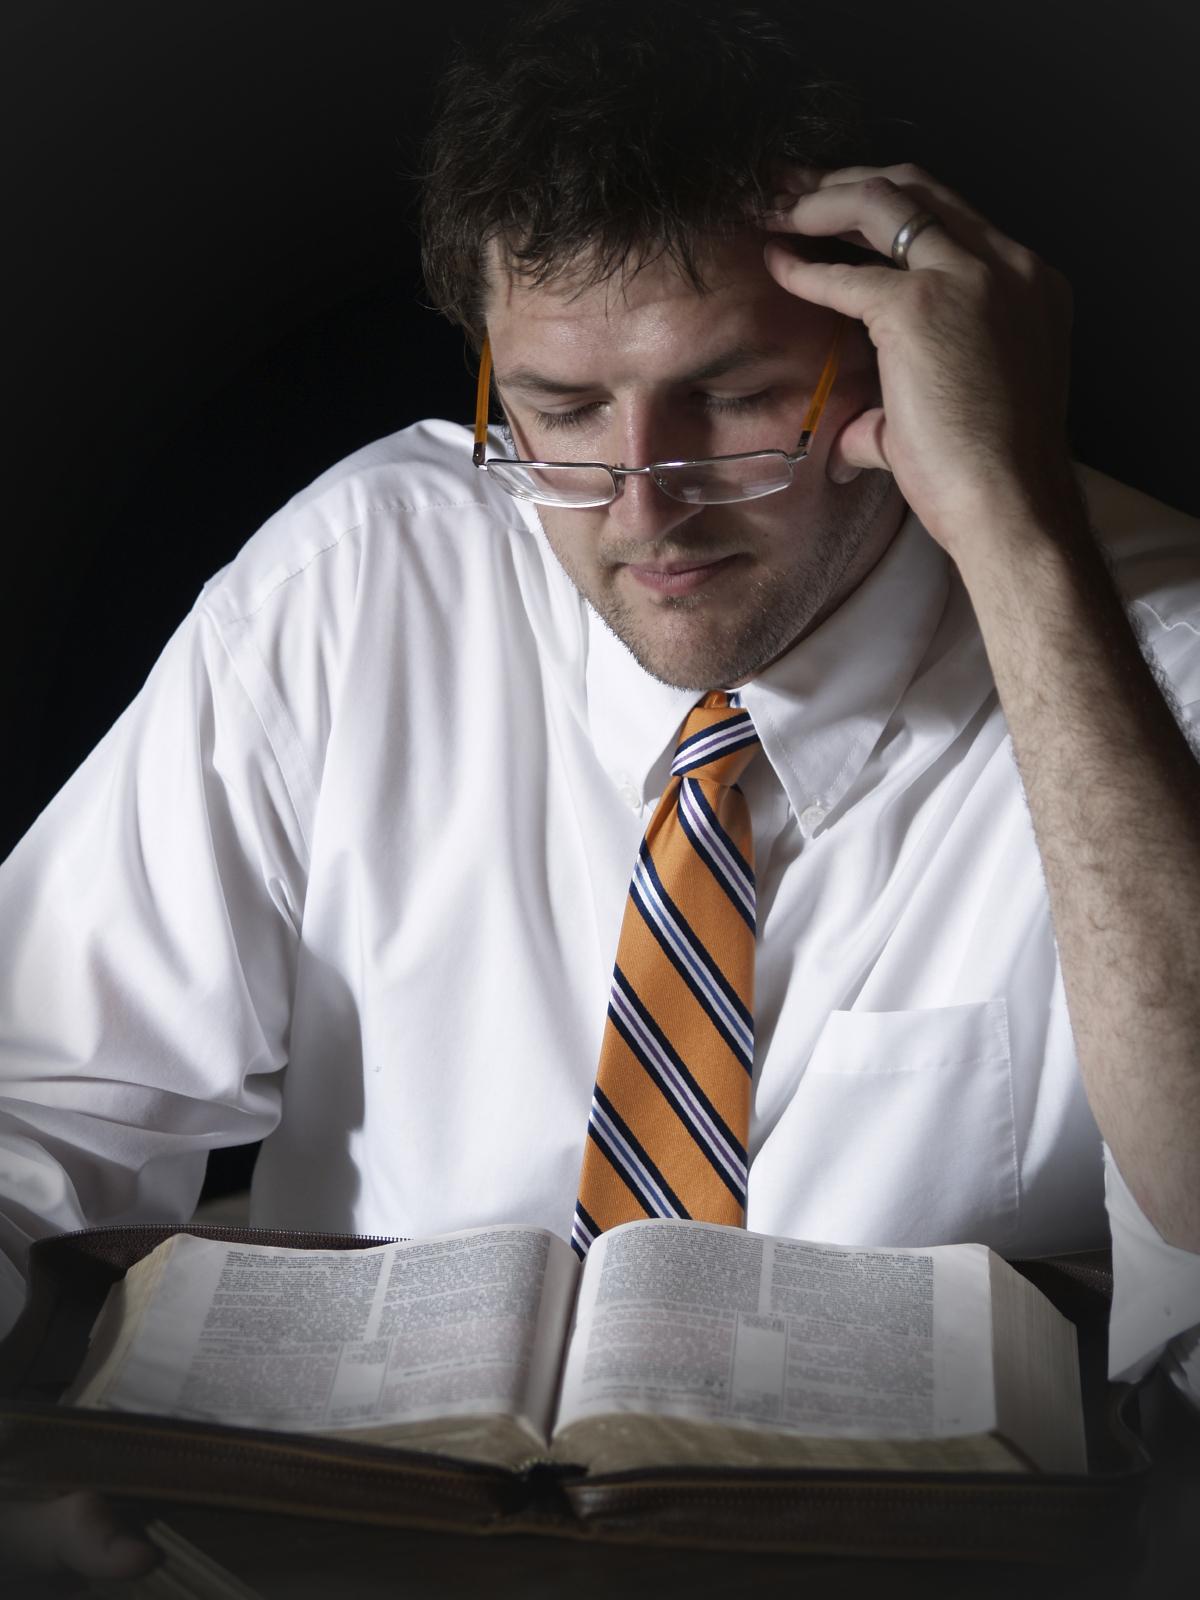 burnout pastor